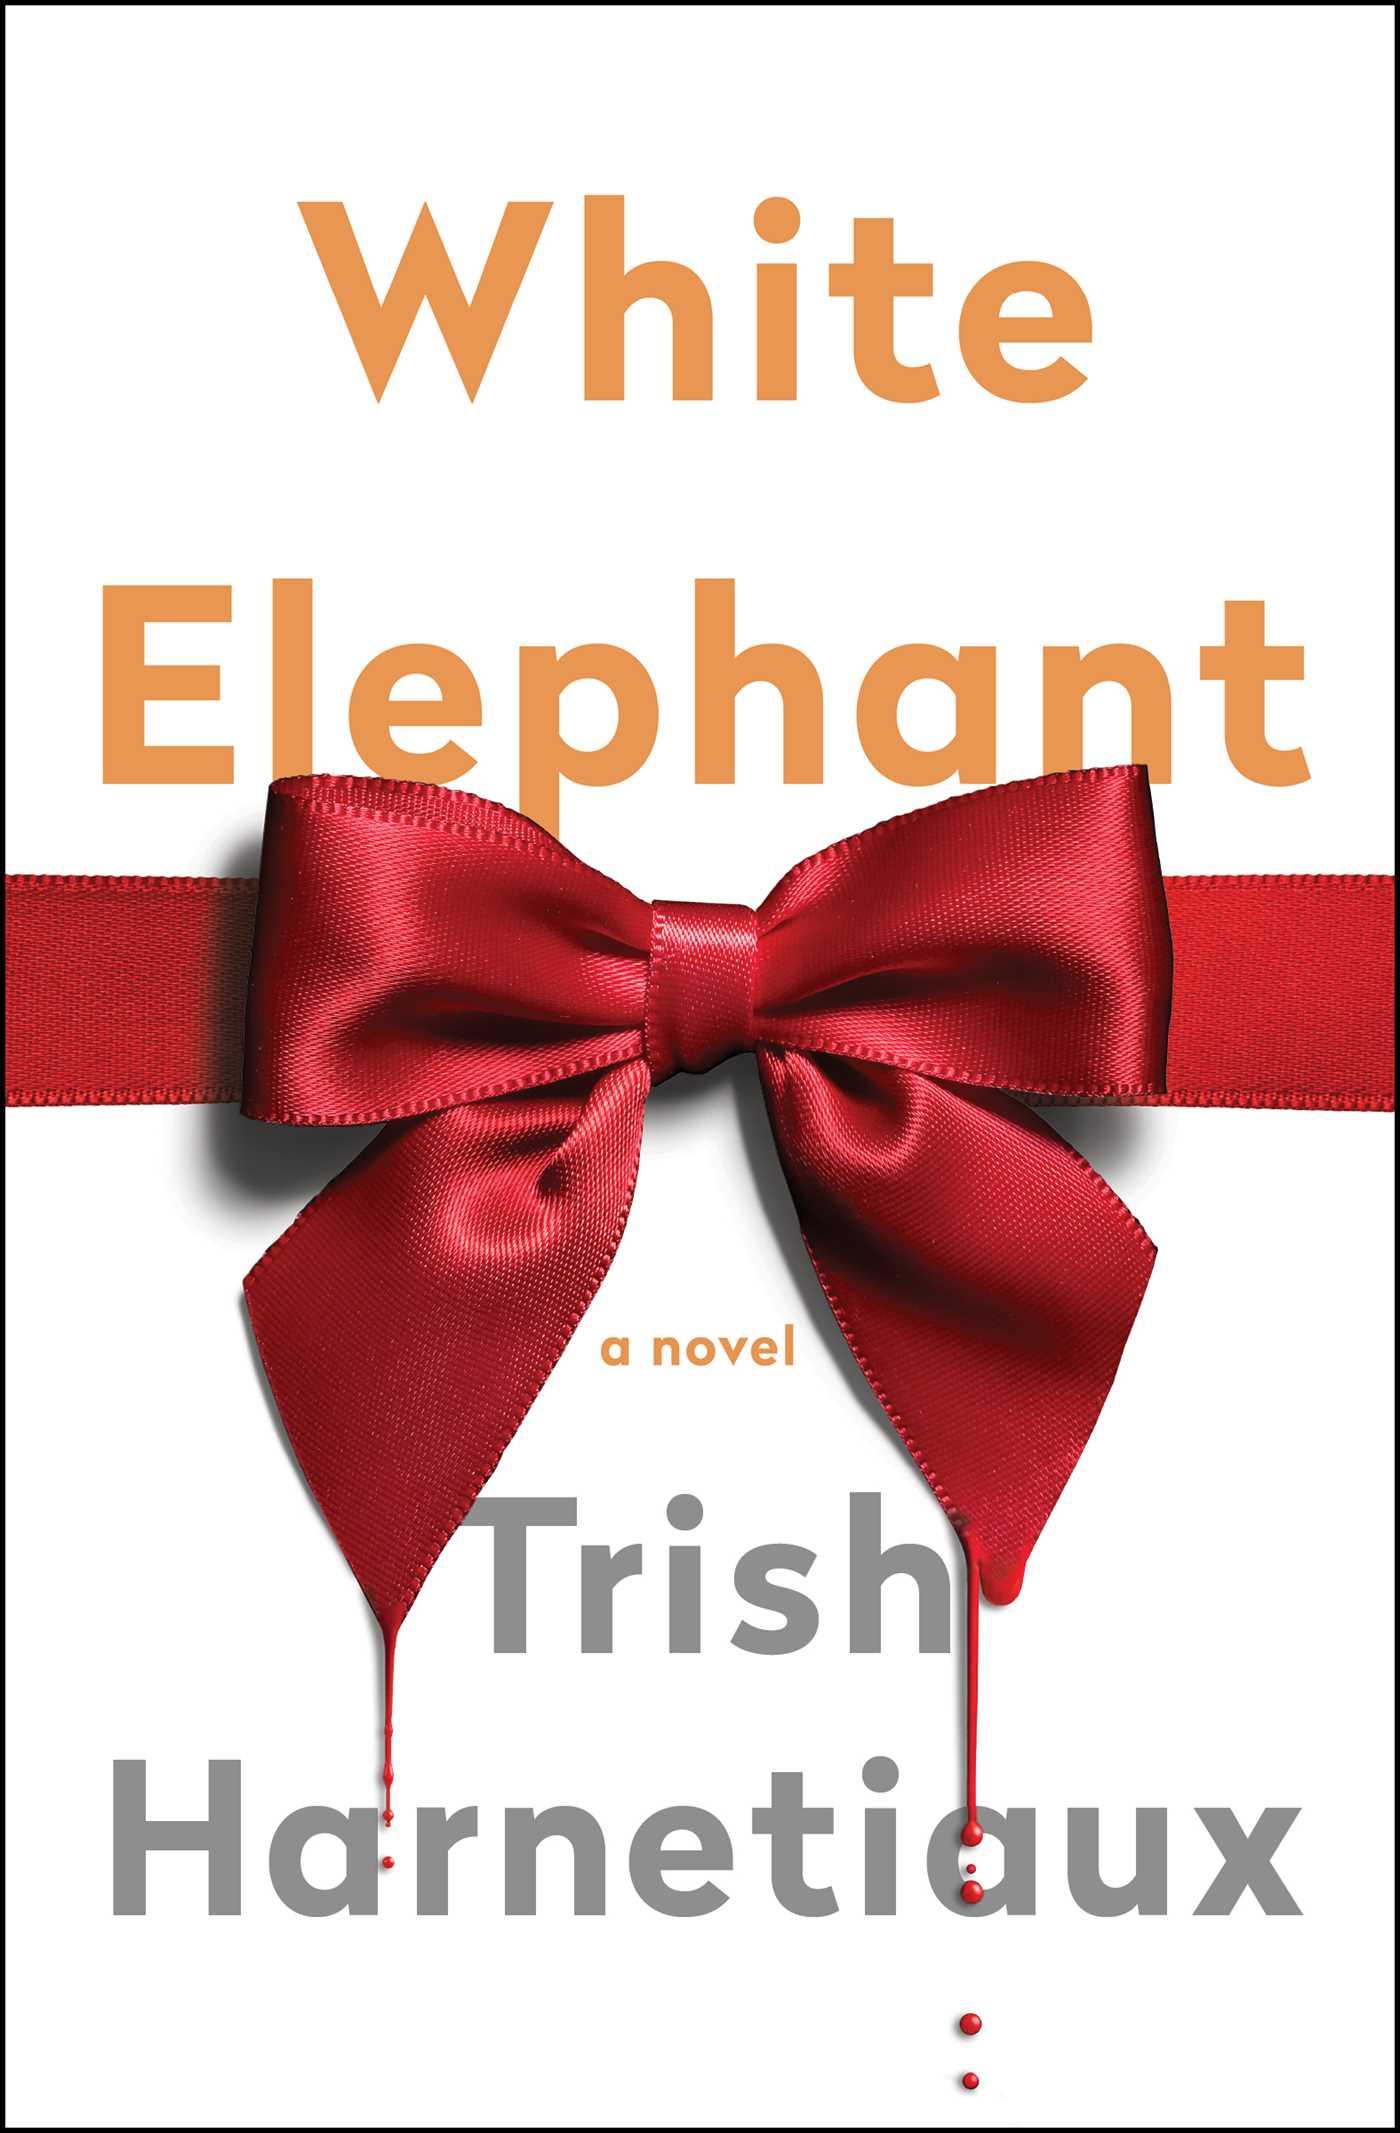 White elephant 9781501199929 hr